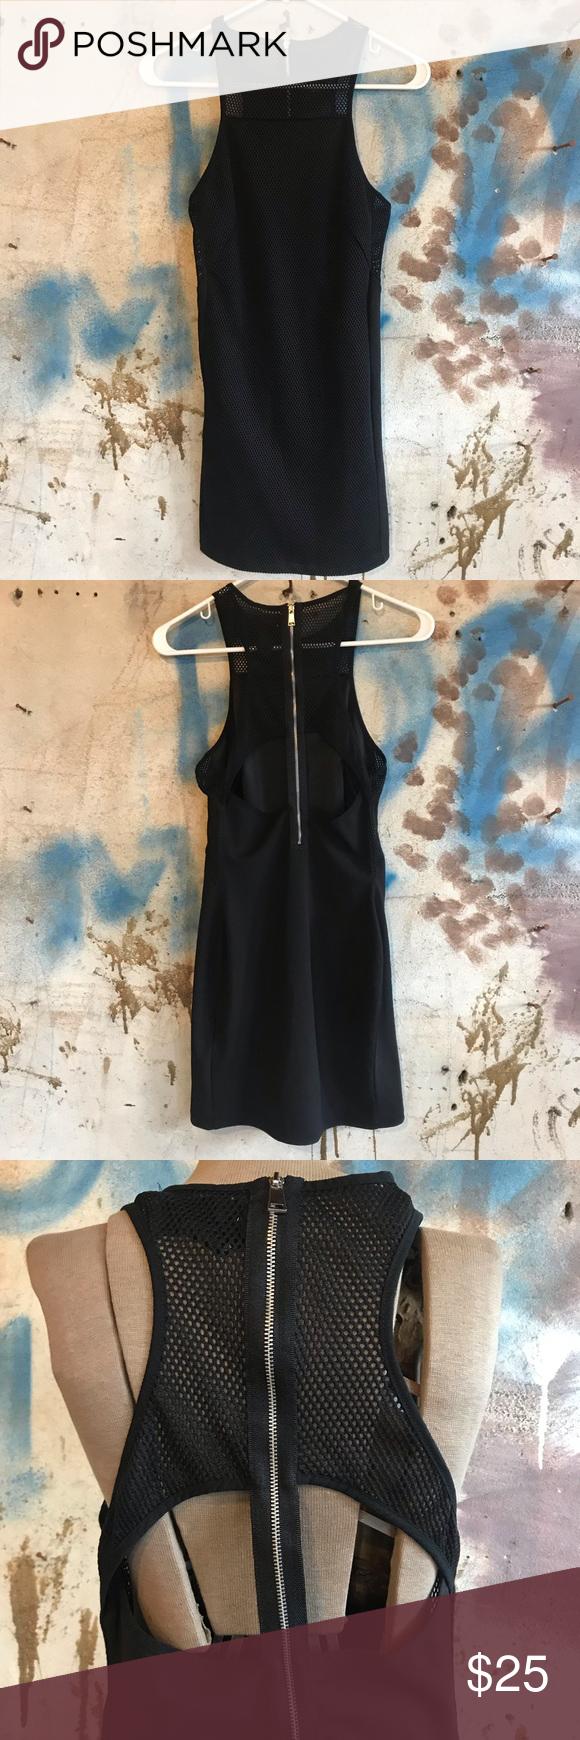 H M Mesh Panel Little Black Dress Little Black Dress Dresses Clothes Design [ 1740 x 580 Pixel ]